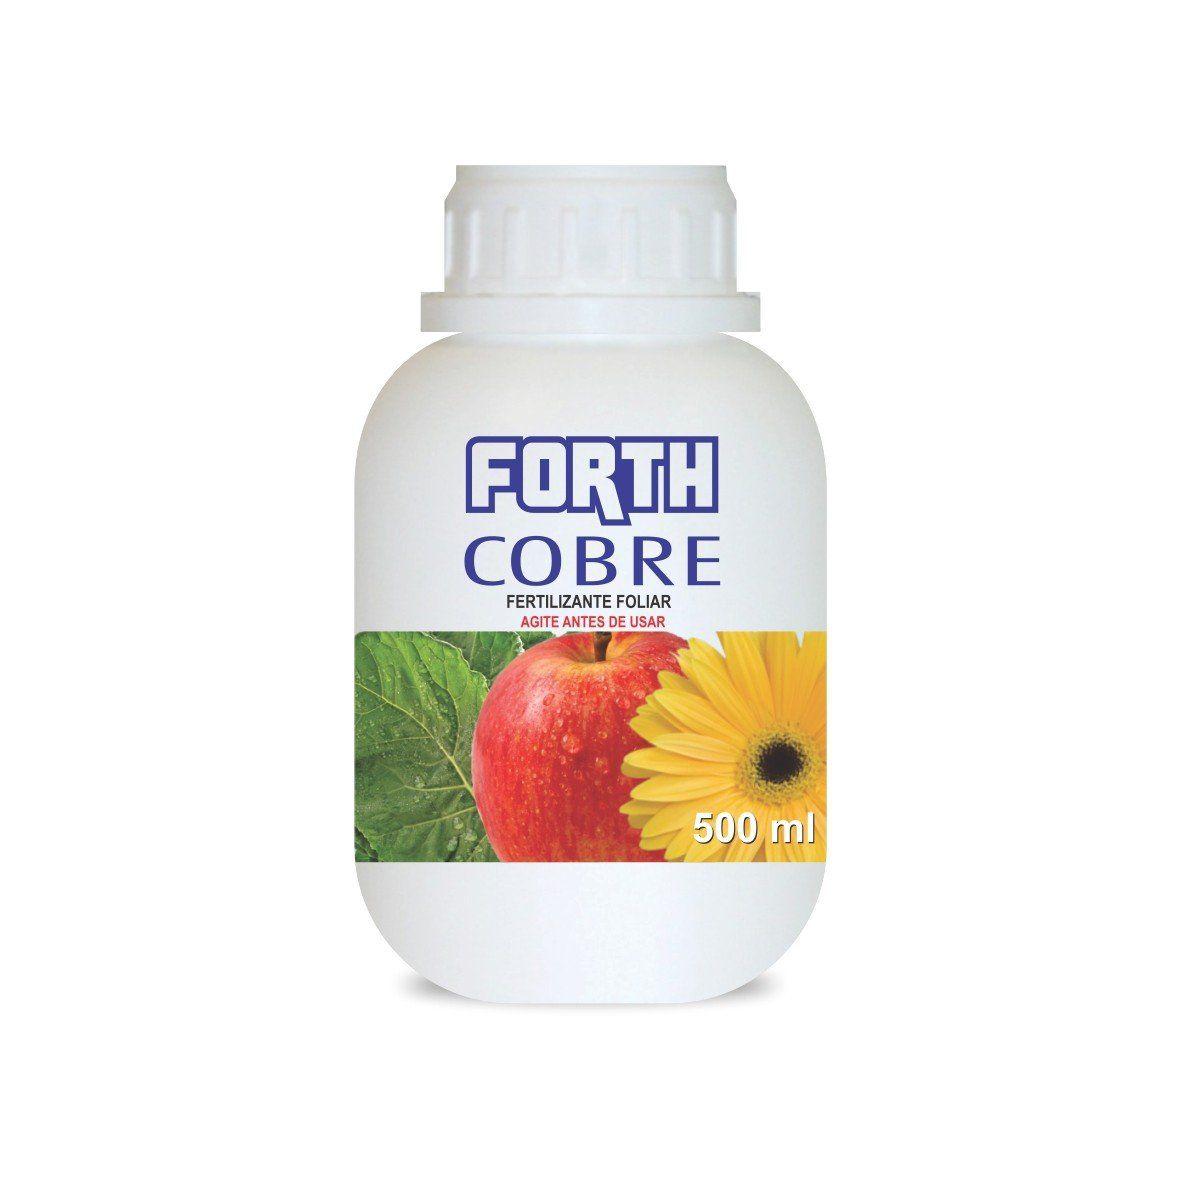 Adubo Fertilizante para Agricultura - FORTH COBRE - 500ml